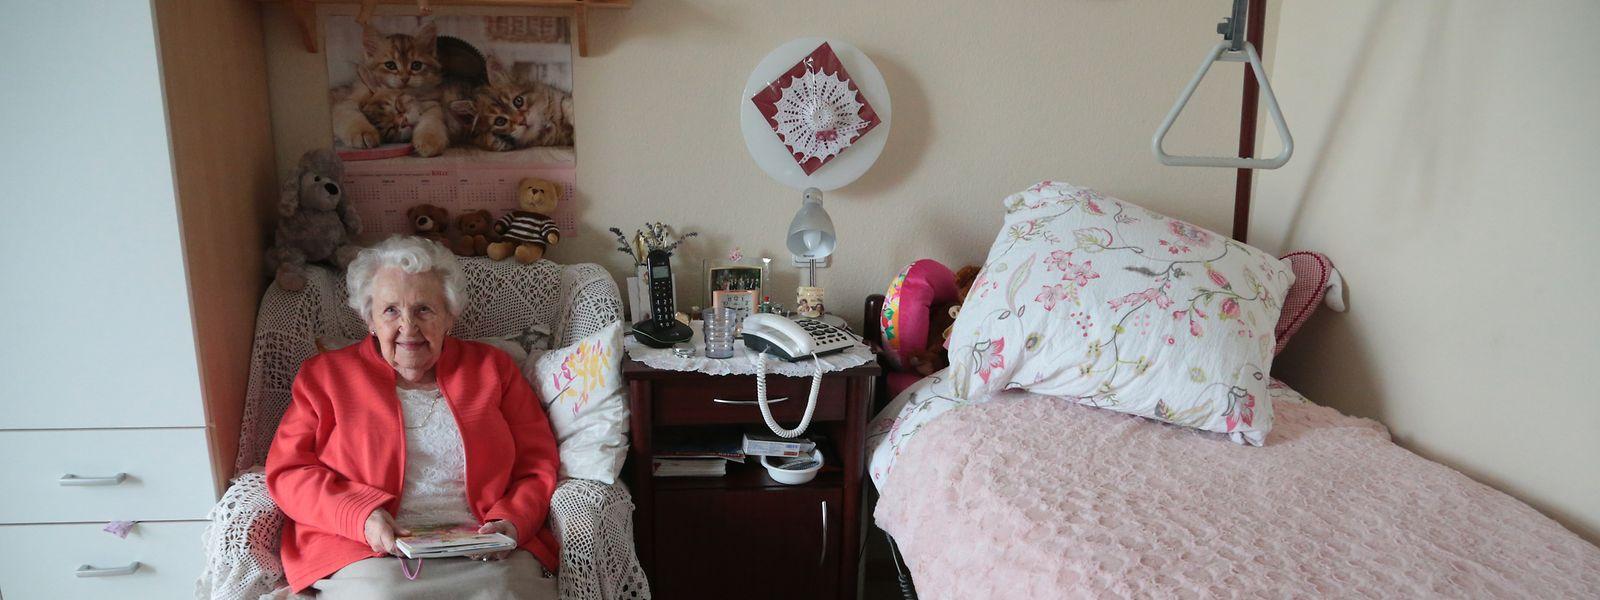 Juliette Wiscourt-Kauffmann  lebt seit acht Jahren im CIPA Gréngewald in Niederanven, wo sie sich sehr wohl fühlt.